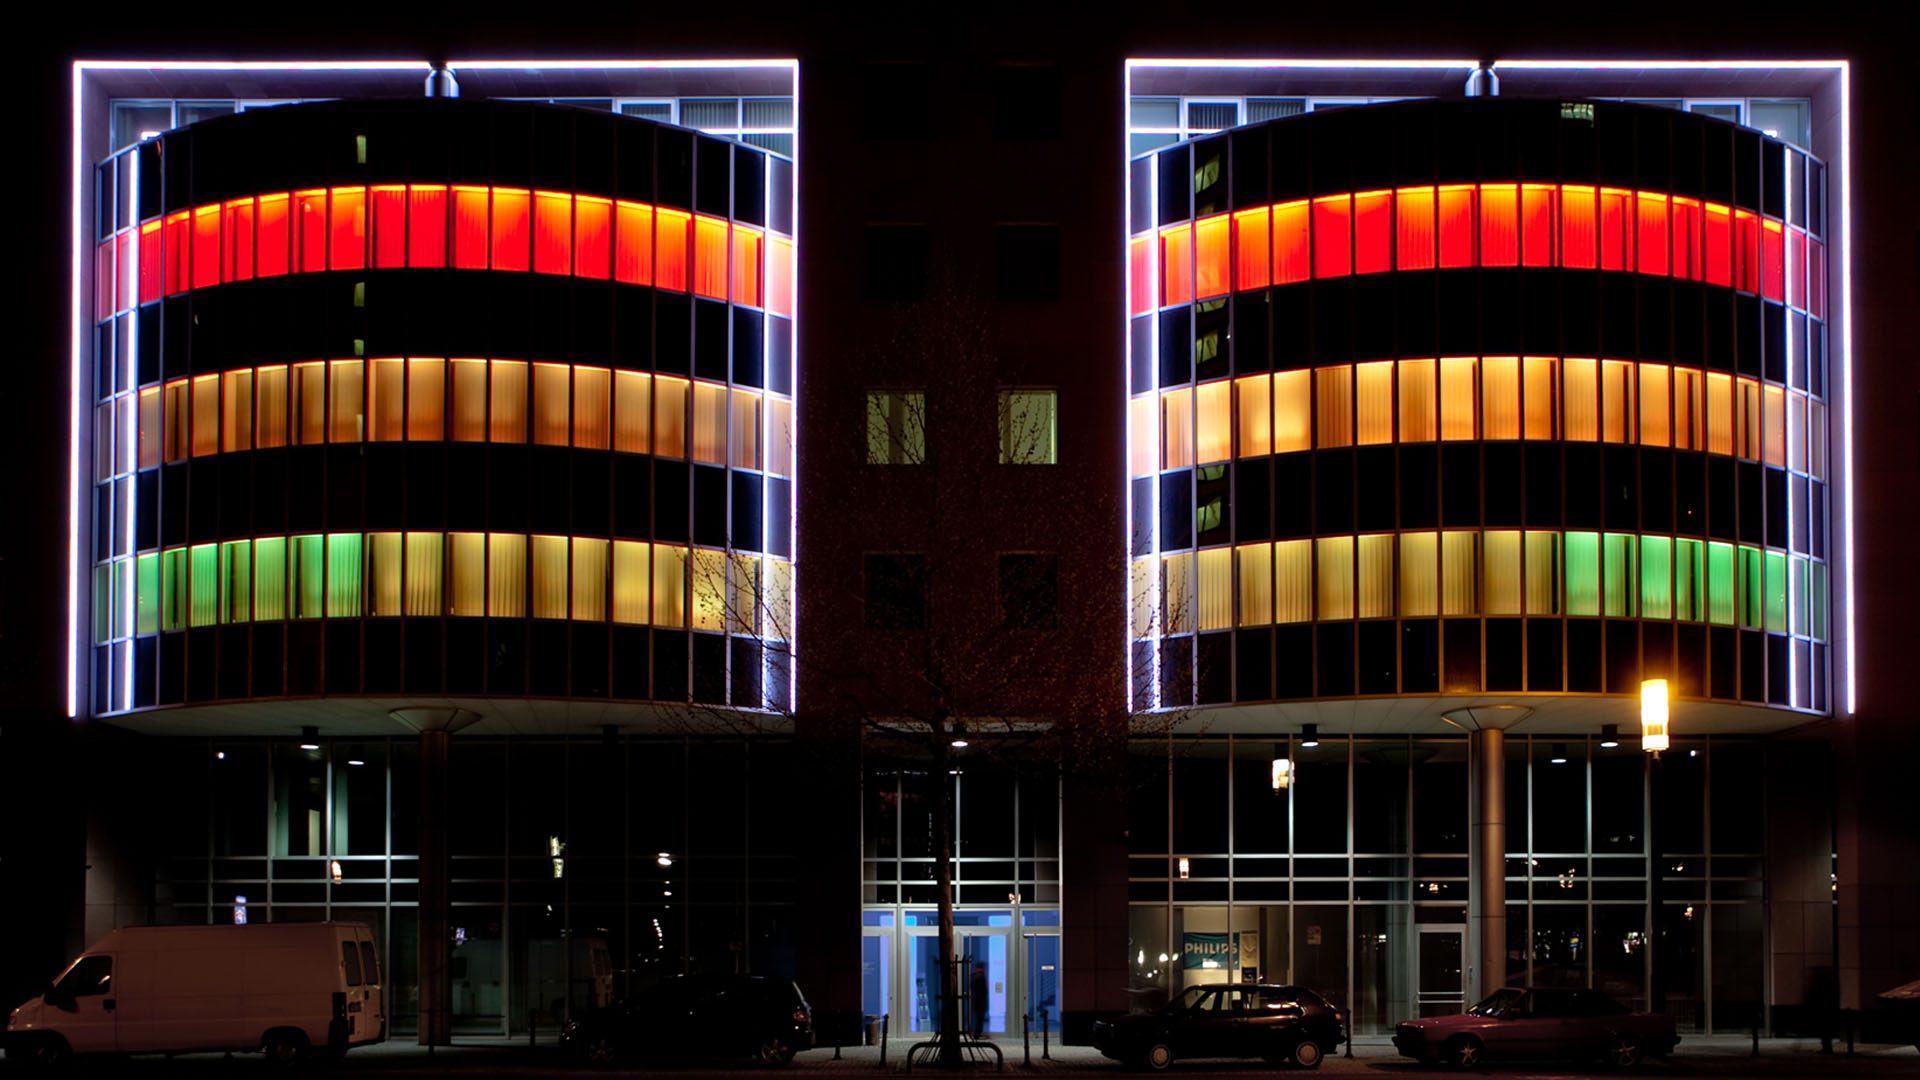 MAASS-Lichtplanung_Lichtkunst zur Luminale 2010__MAASS-HustleBustle-002